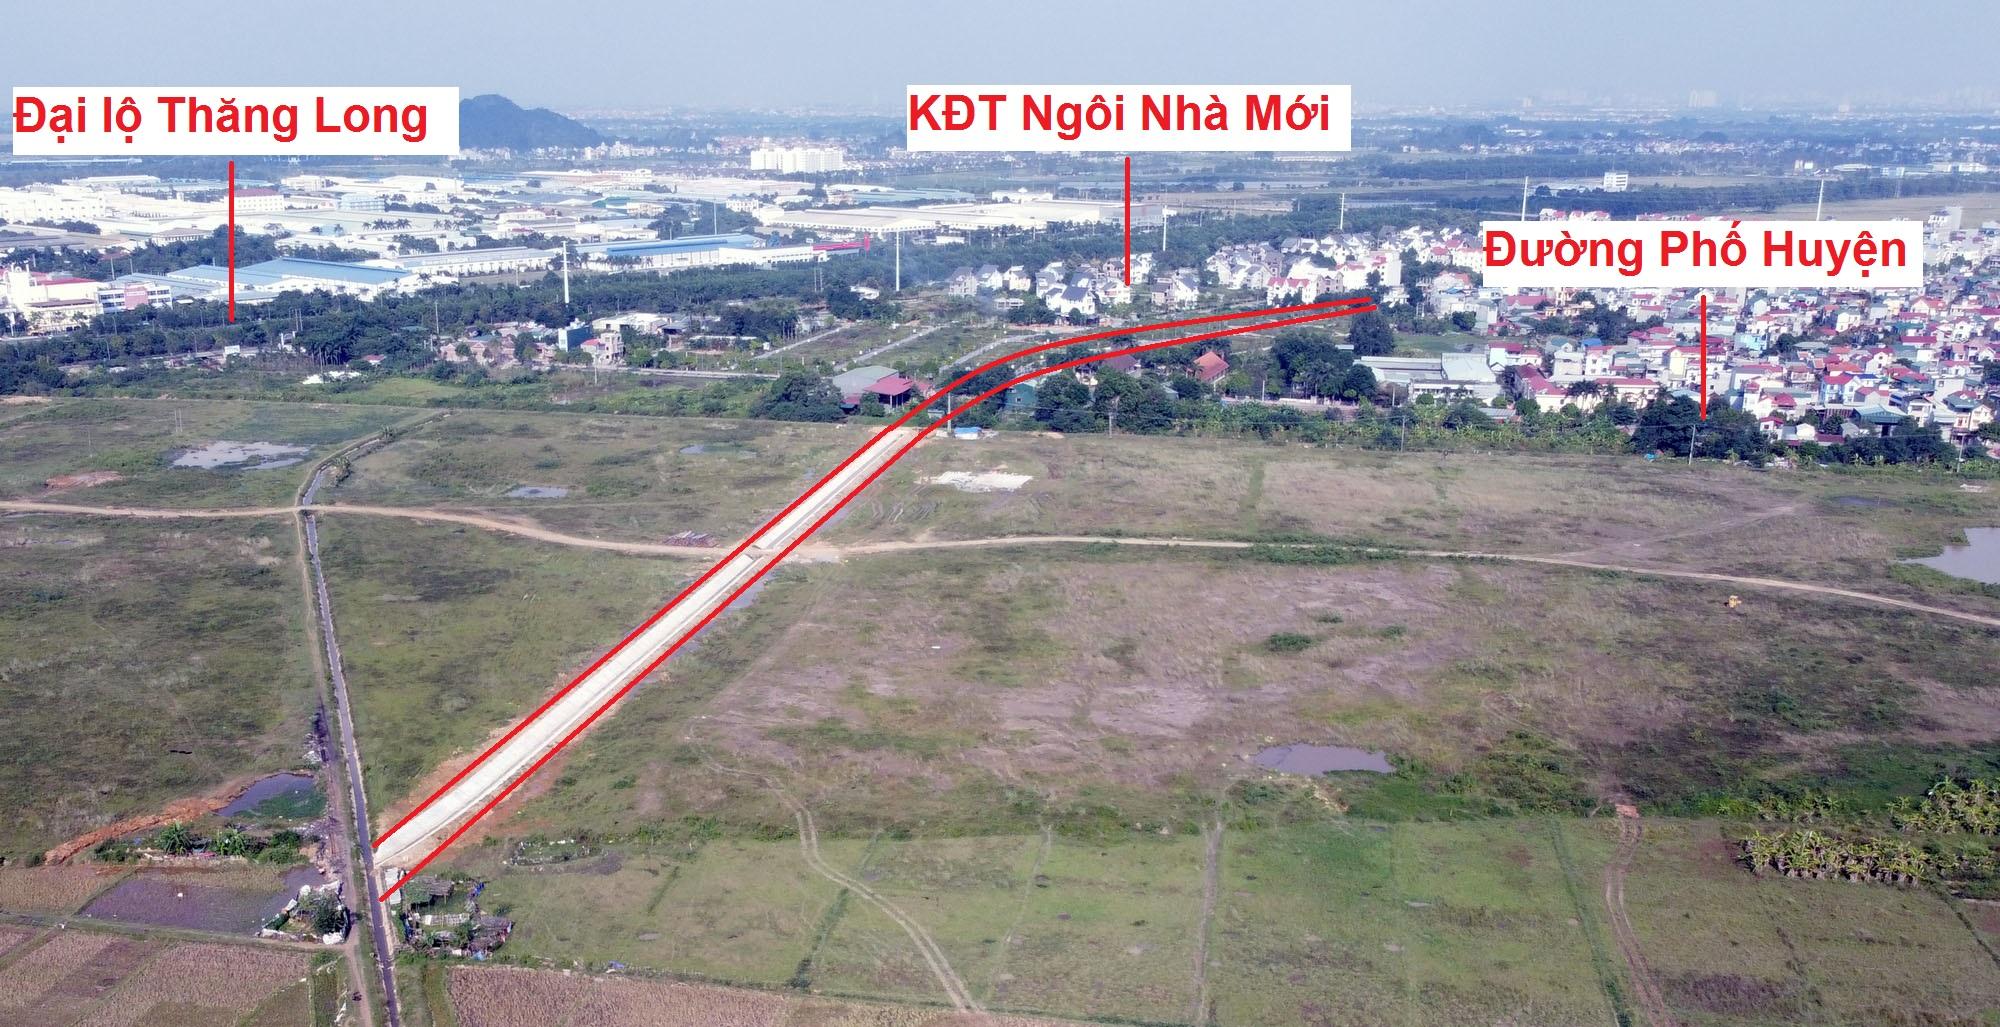 đường sẽ mở theo qui hoạch ở thị trấn Quốc Oai, Quốc Oai, Hà Nội - Ảnh 3.